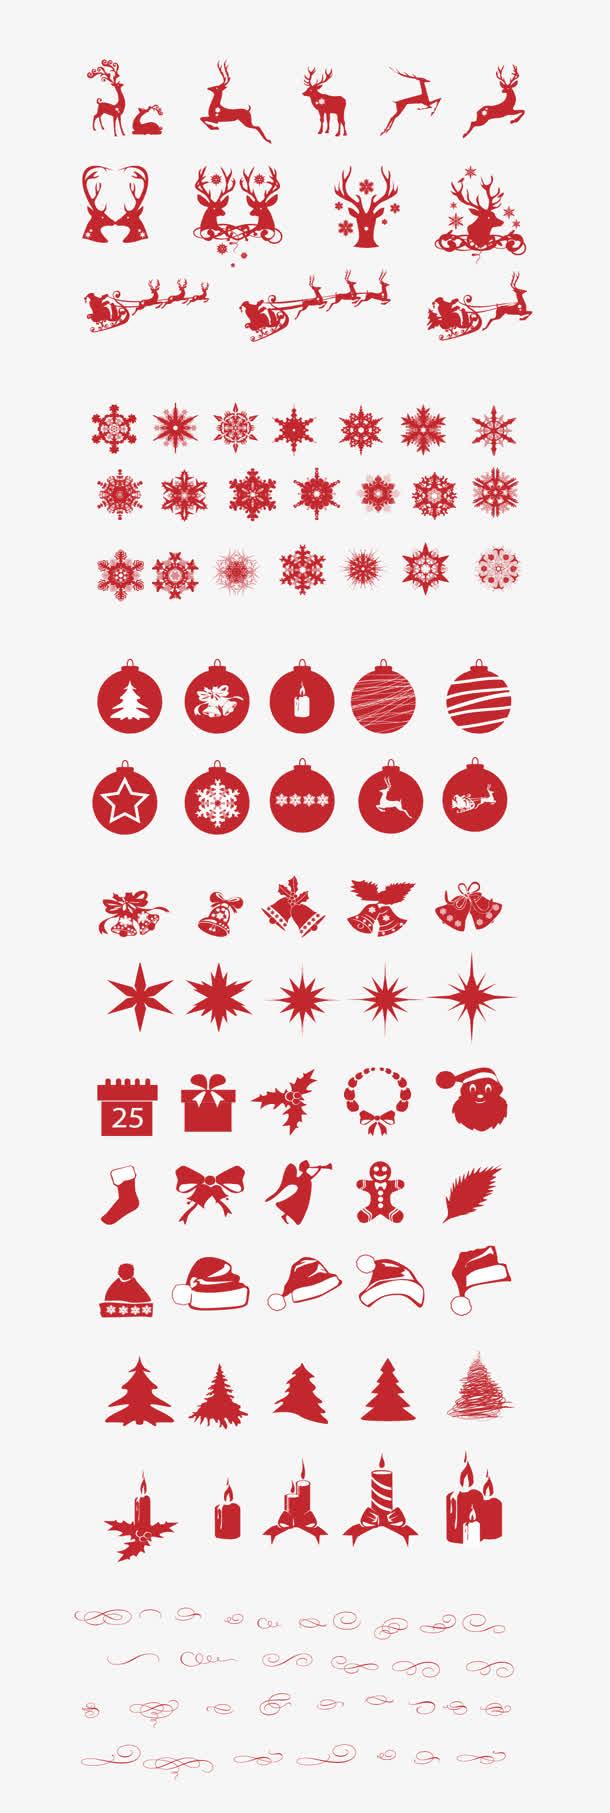 剪纸鹿圣诞鹿雪花免抠素材免费下载